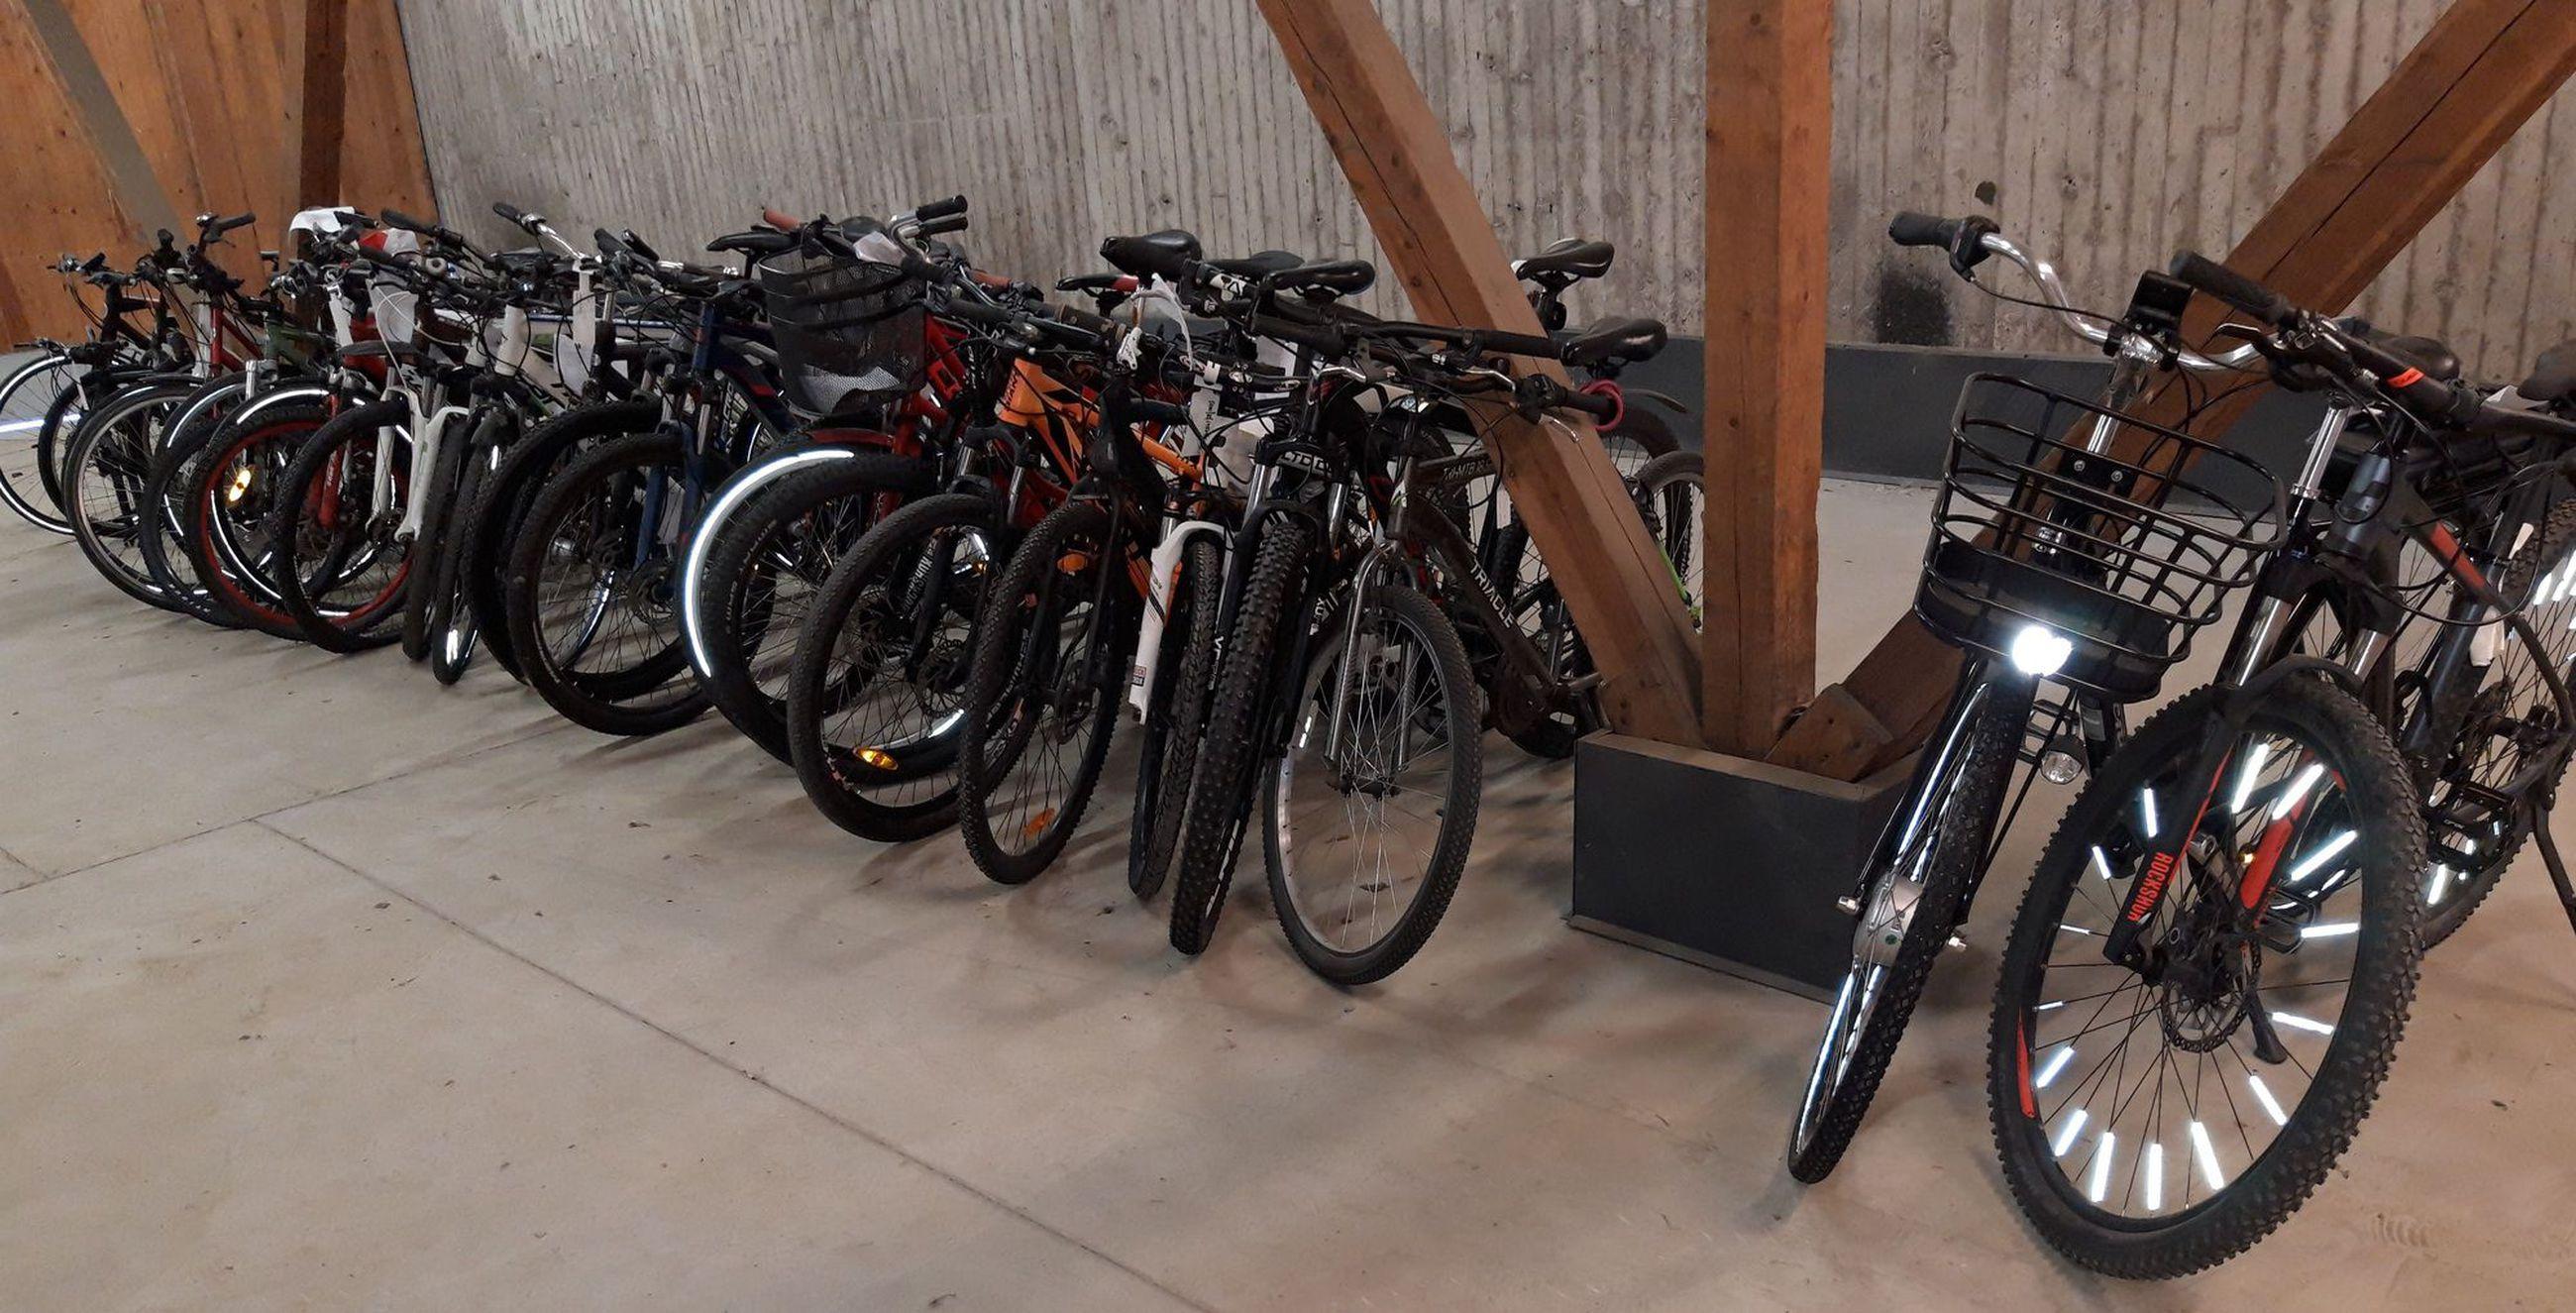 Oulun poliisilaitoksen takavarikkovarastossa on tälläkin hetkellä pyörä poikineen. Poliisilaitoksen löytötavaratoimistoon toimitetut pyörät löytyvät eri varastosta.